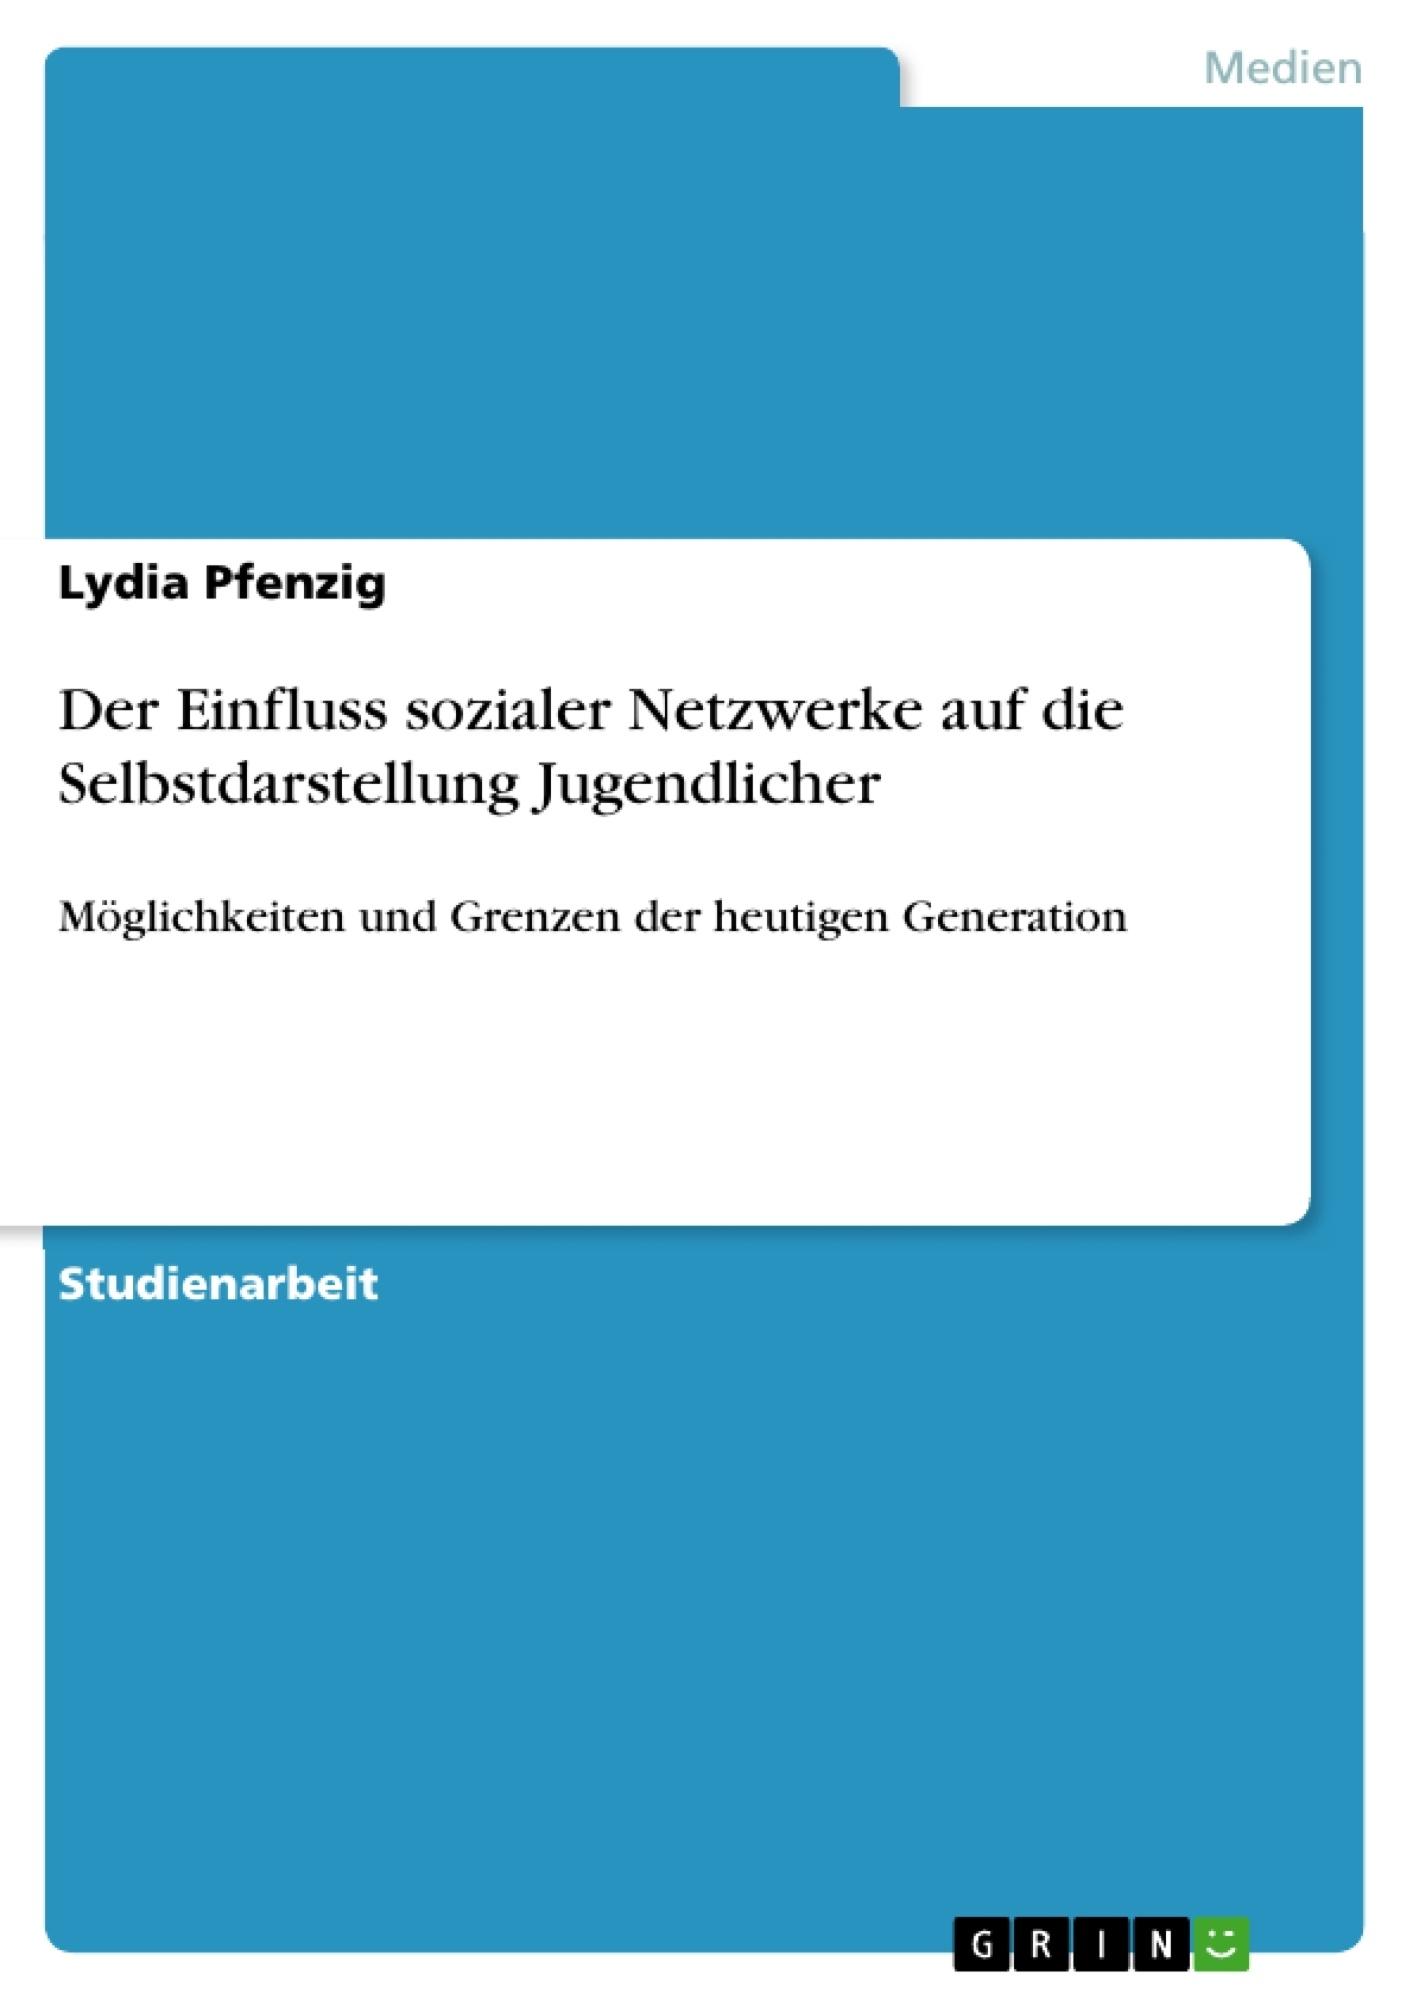 Titel: Der Einfluss sozialer Netzwerke auf die Selbstdarstellung Jugendlicher